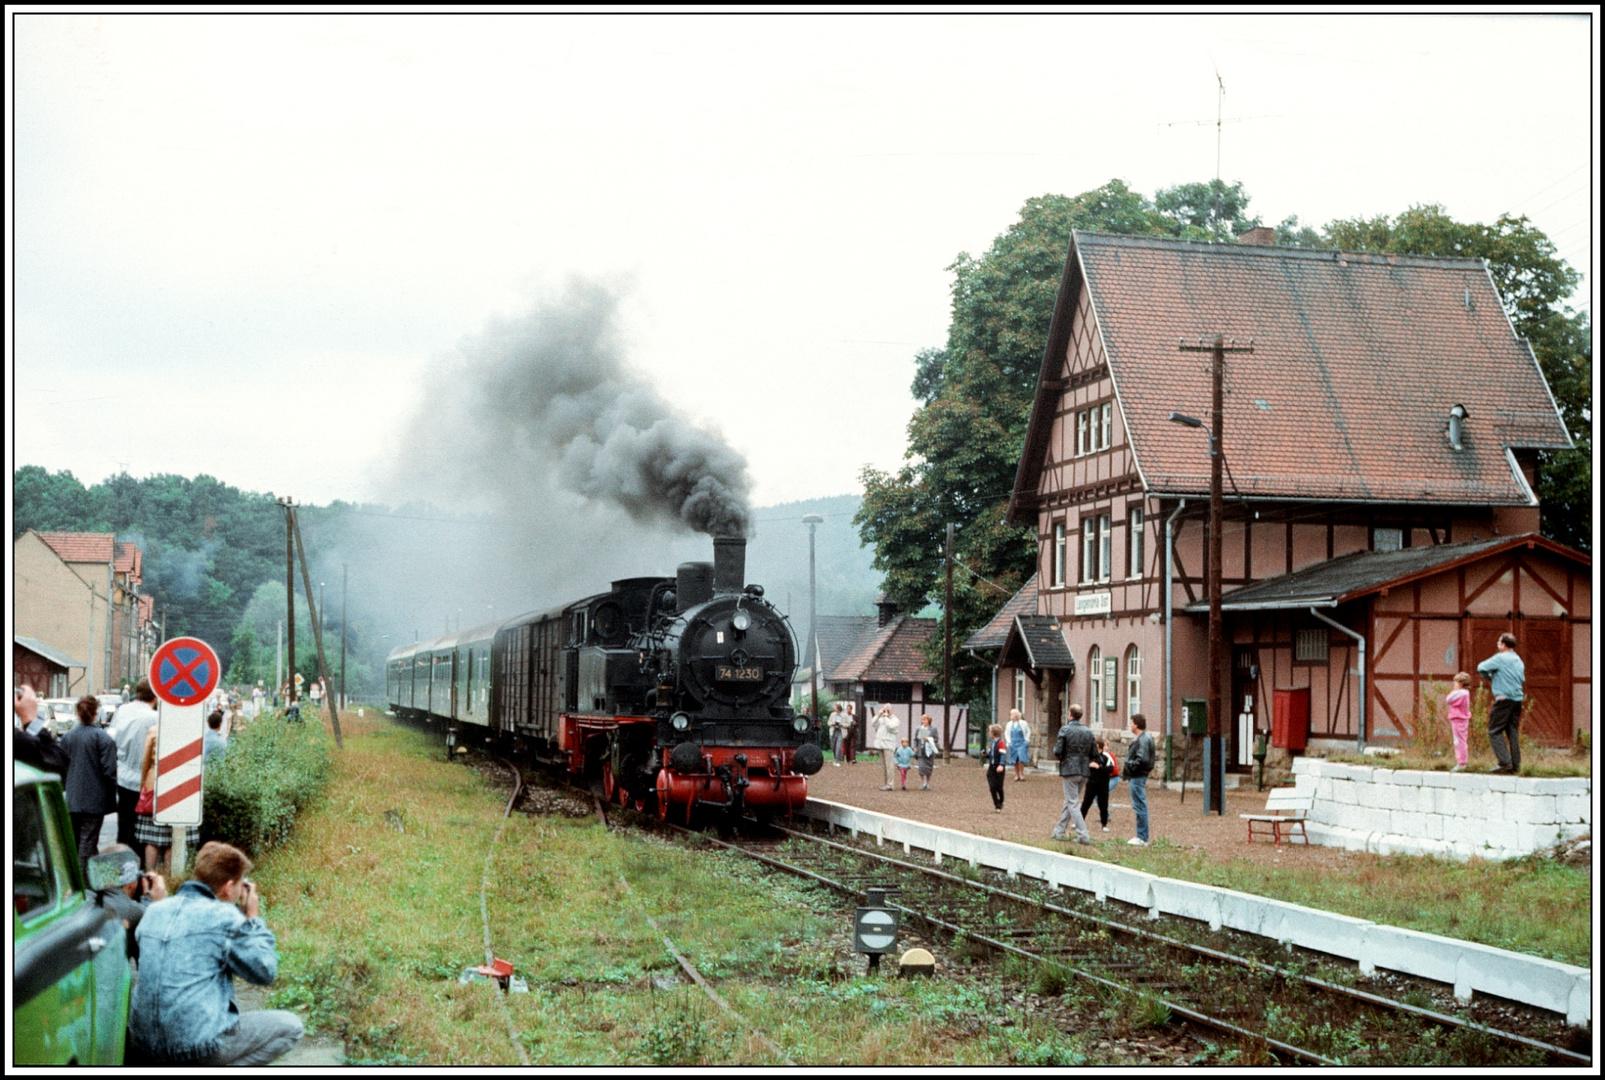 Angekommen die Bimmel in Langenorla Ost vor 25 Jahren 1989 (Bild 3)